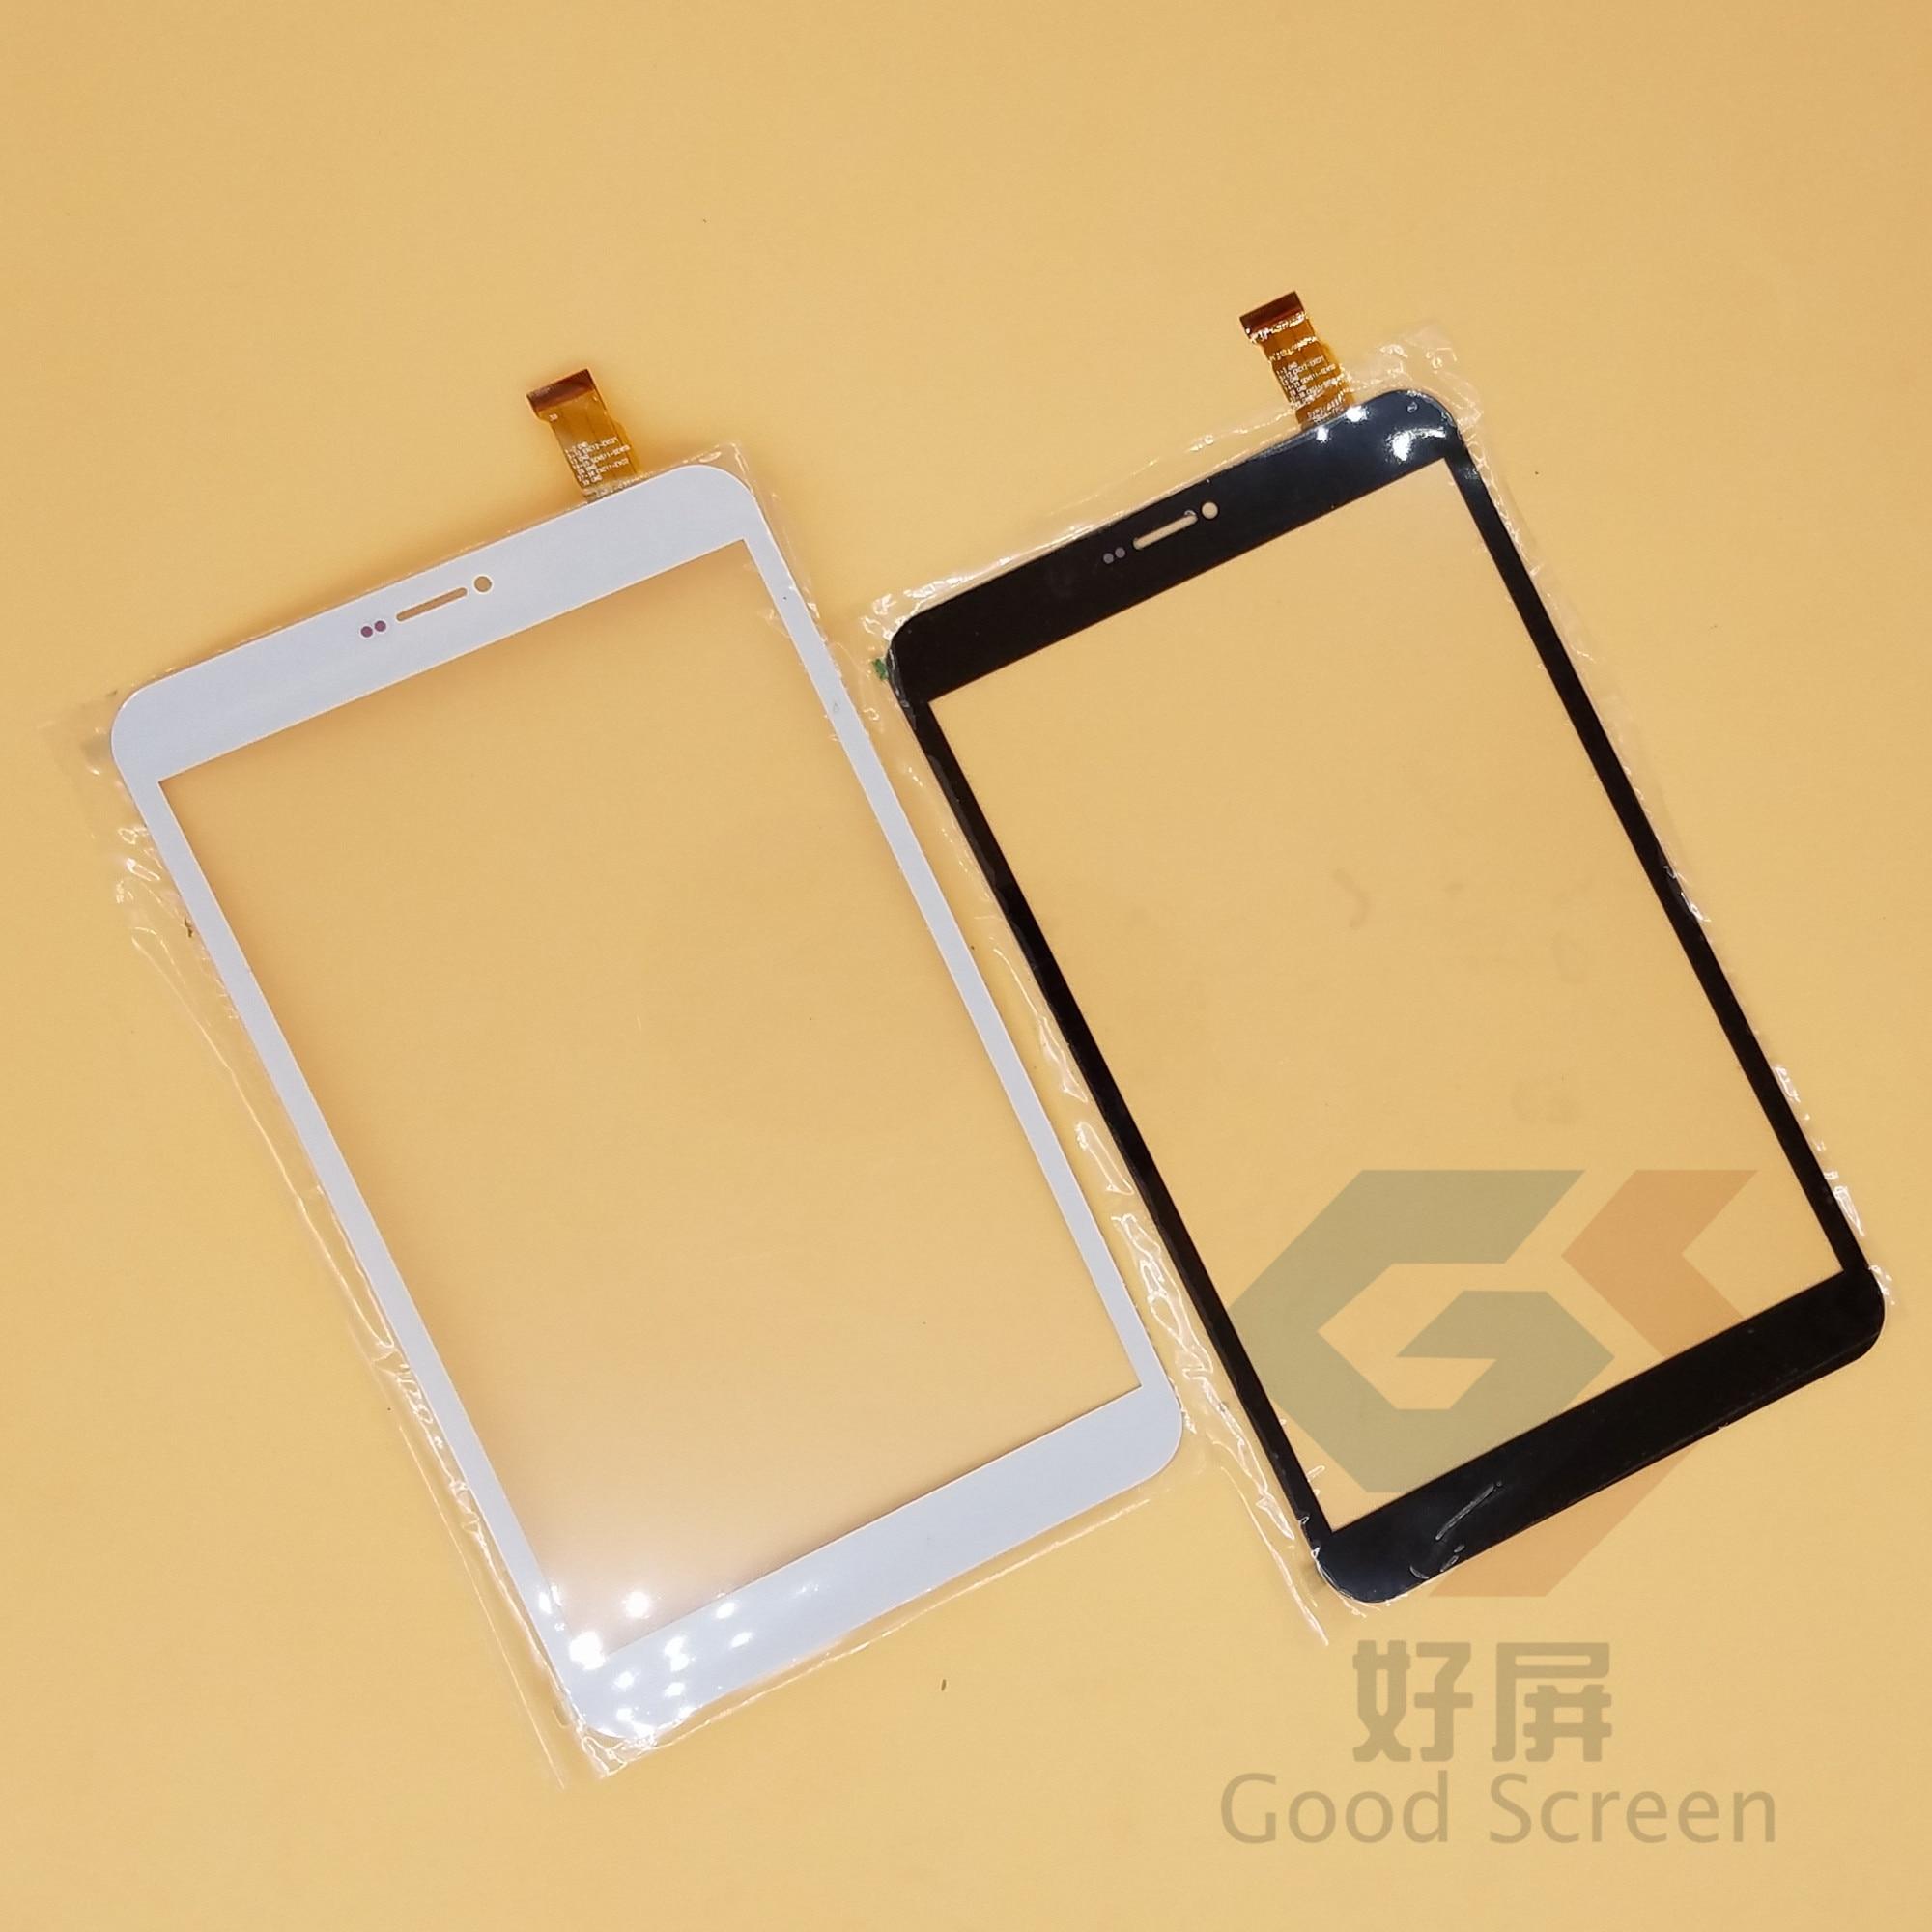 8 дюймов DXP2-0331-080A-FPC сенсорный экран дигитайзер сенсор планшет панель Ремонт DXP2-0331 Oysters T84ERI 3g